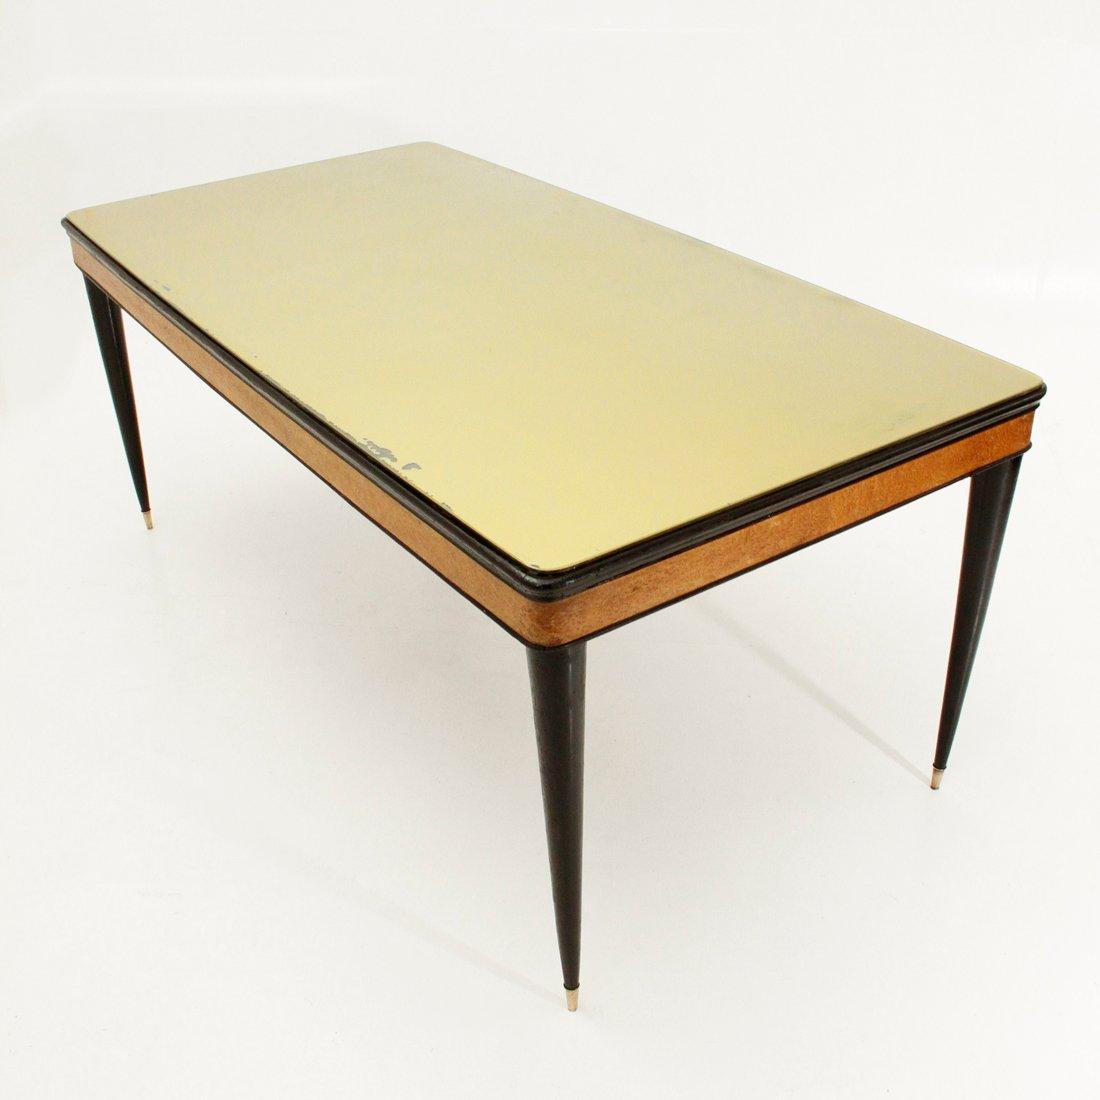 Italienischer esstisch mit glasplatte 1950er bei pamono for Esstisch englisch